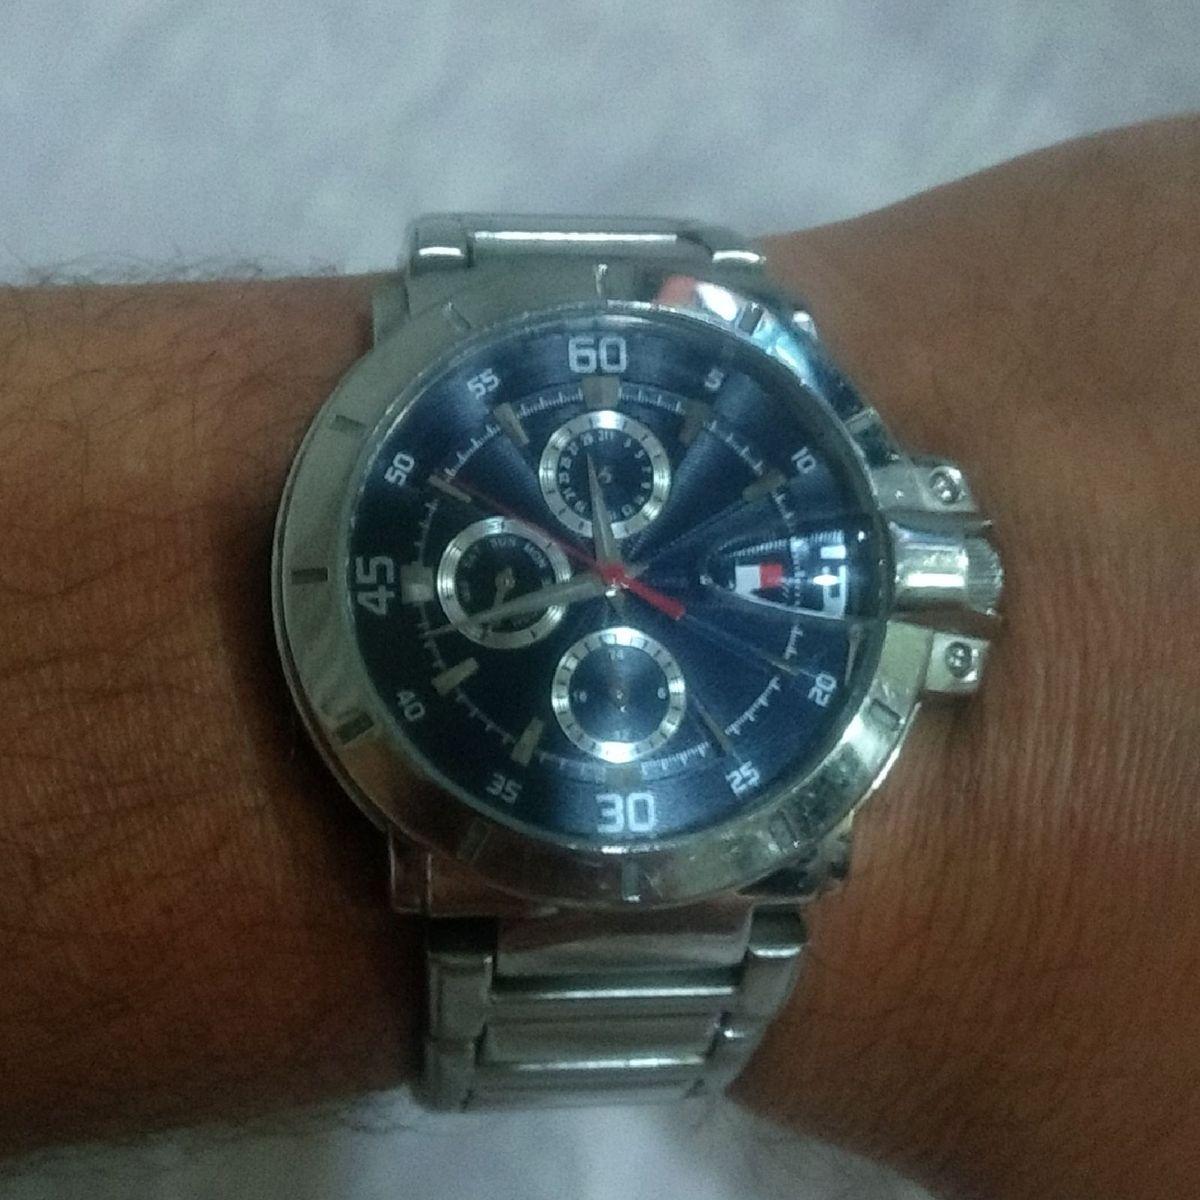 triple El diseño Con fecha de  Relogio Tommy Hilfinger Original F90268 | Relógio Masculino Tommy Hilfiger  Usado 40502583 | enjoei